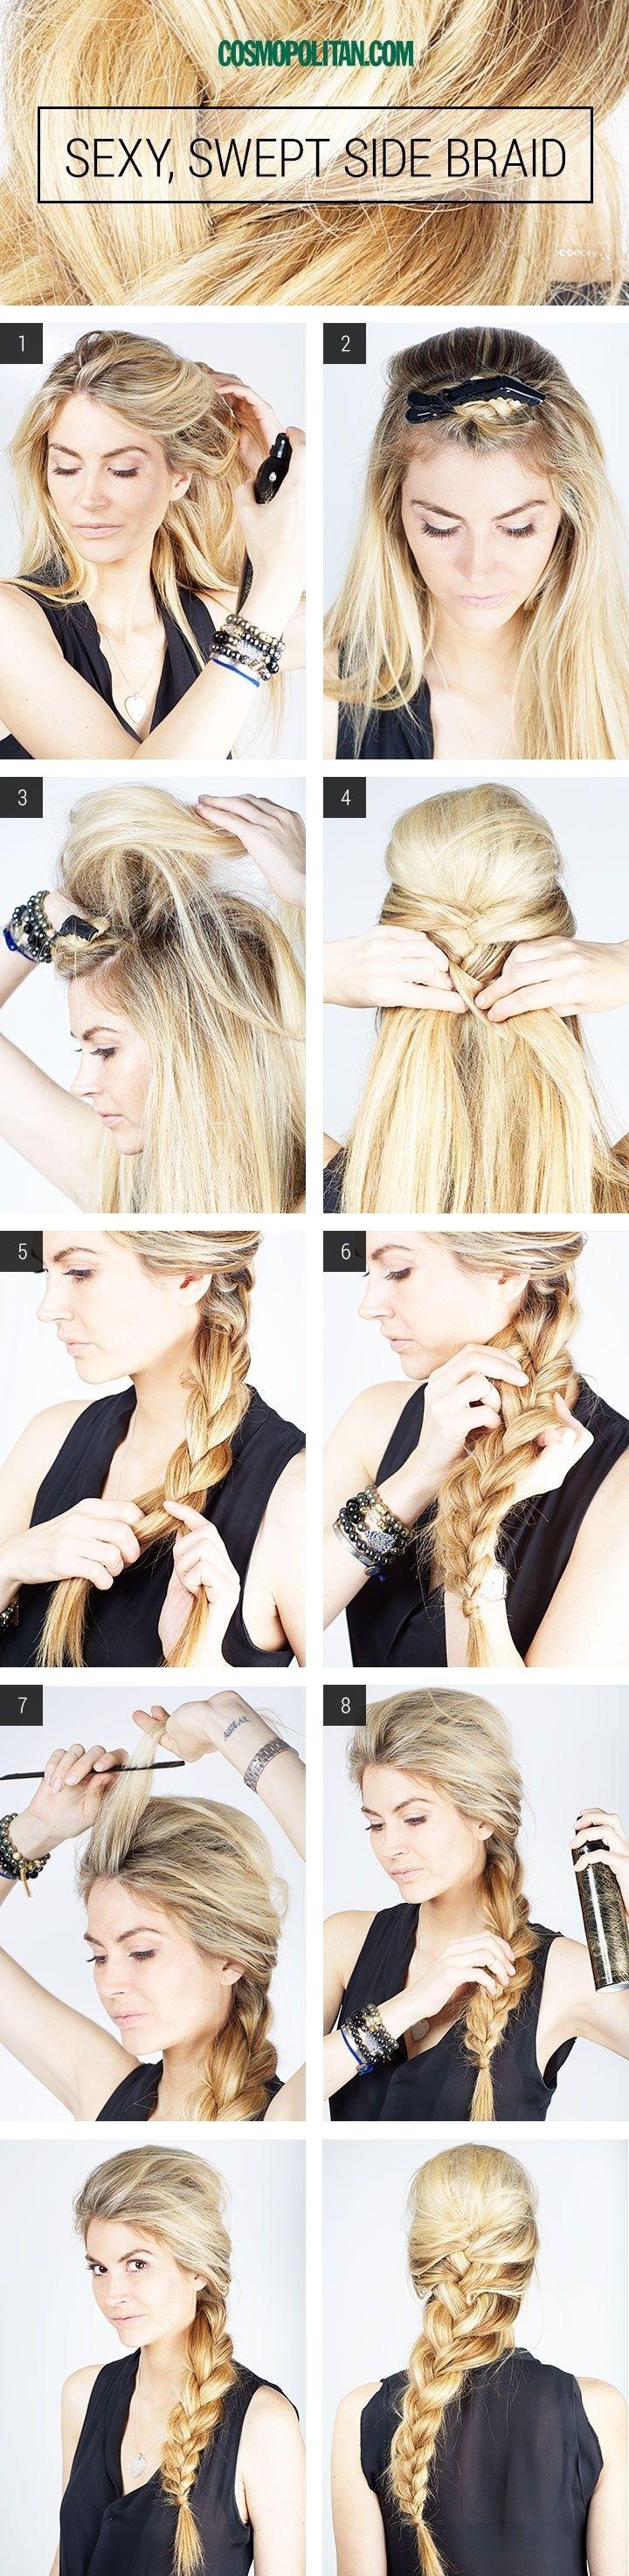 Terrific 10 French Braids Hairstyles Tutorials Everyday Hair Styles Short Hairstyles Gunalazisus